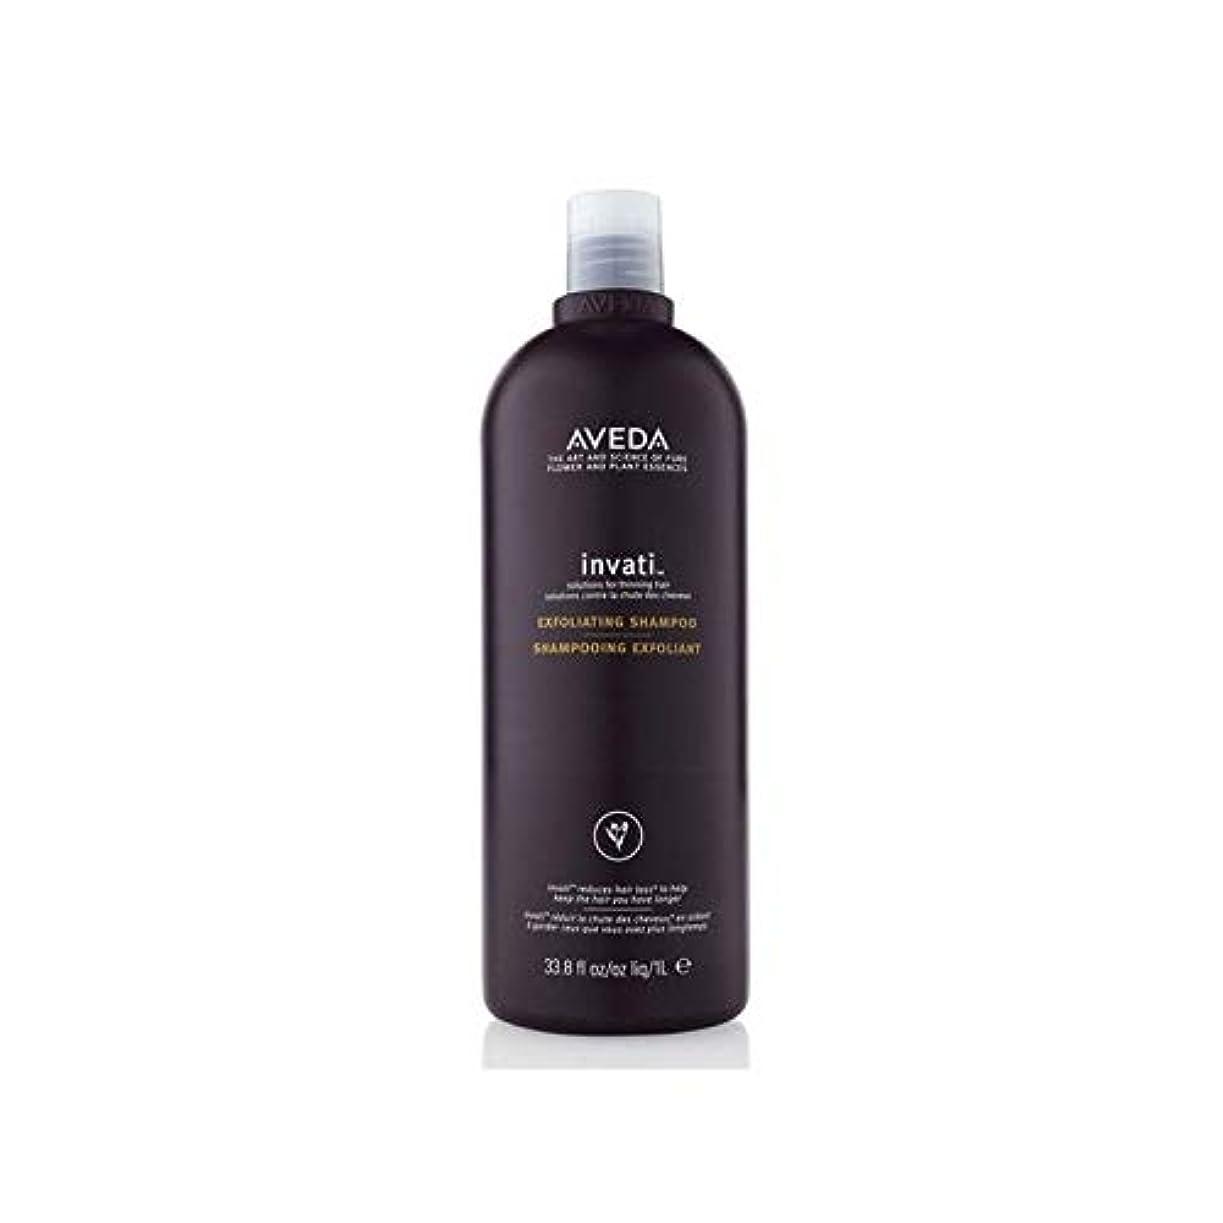 恒久的たとえ制裁[AVEDA ] アヴェダInvatiシャンプー(千ミリリットル) - Aveda Invati Shampoo (1000ml) [並行輸入品]